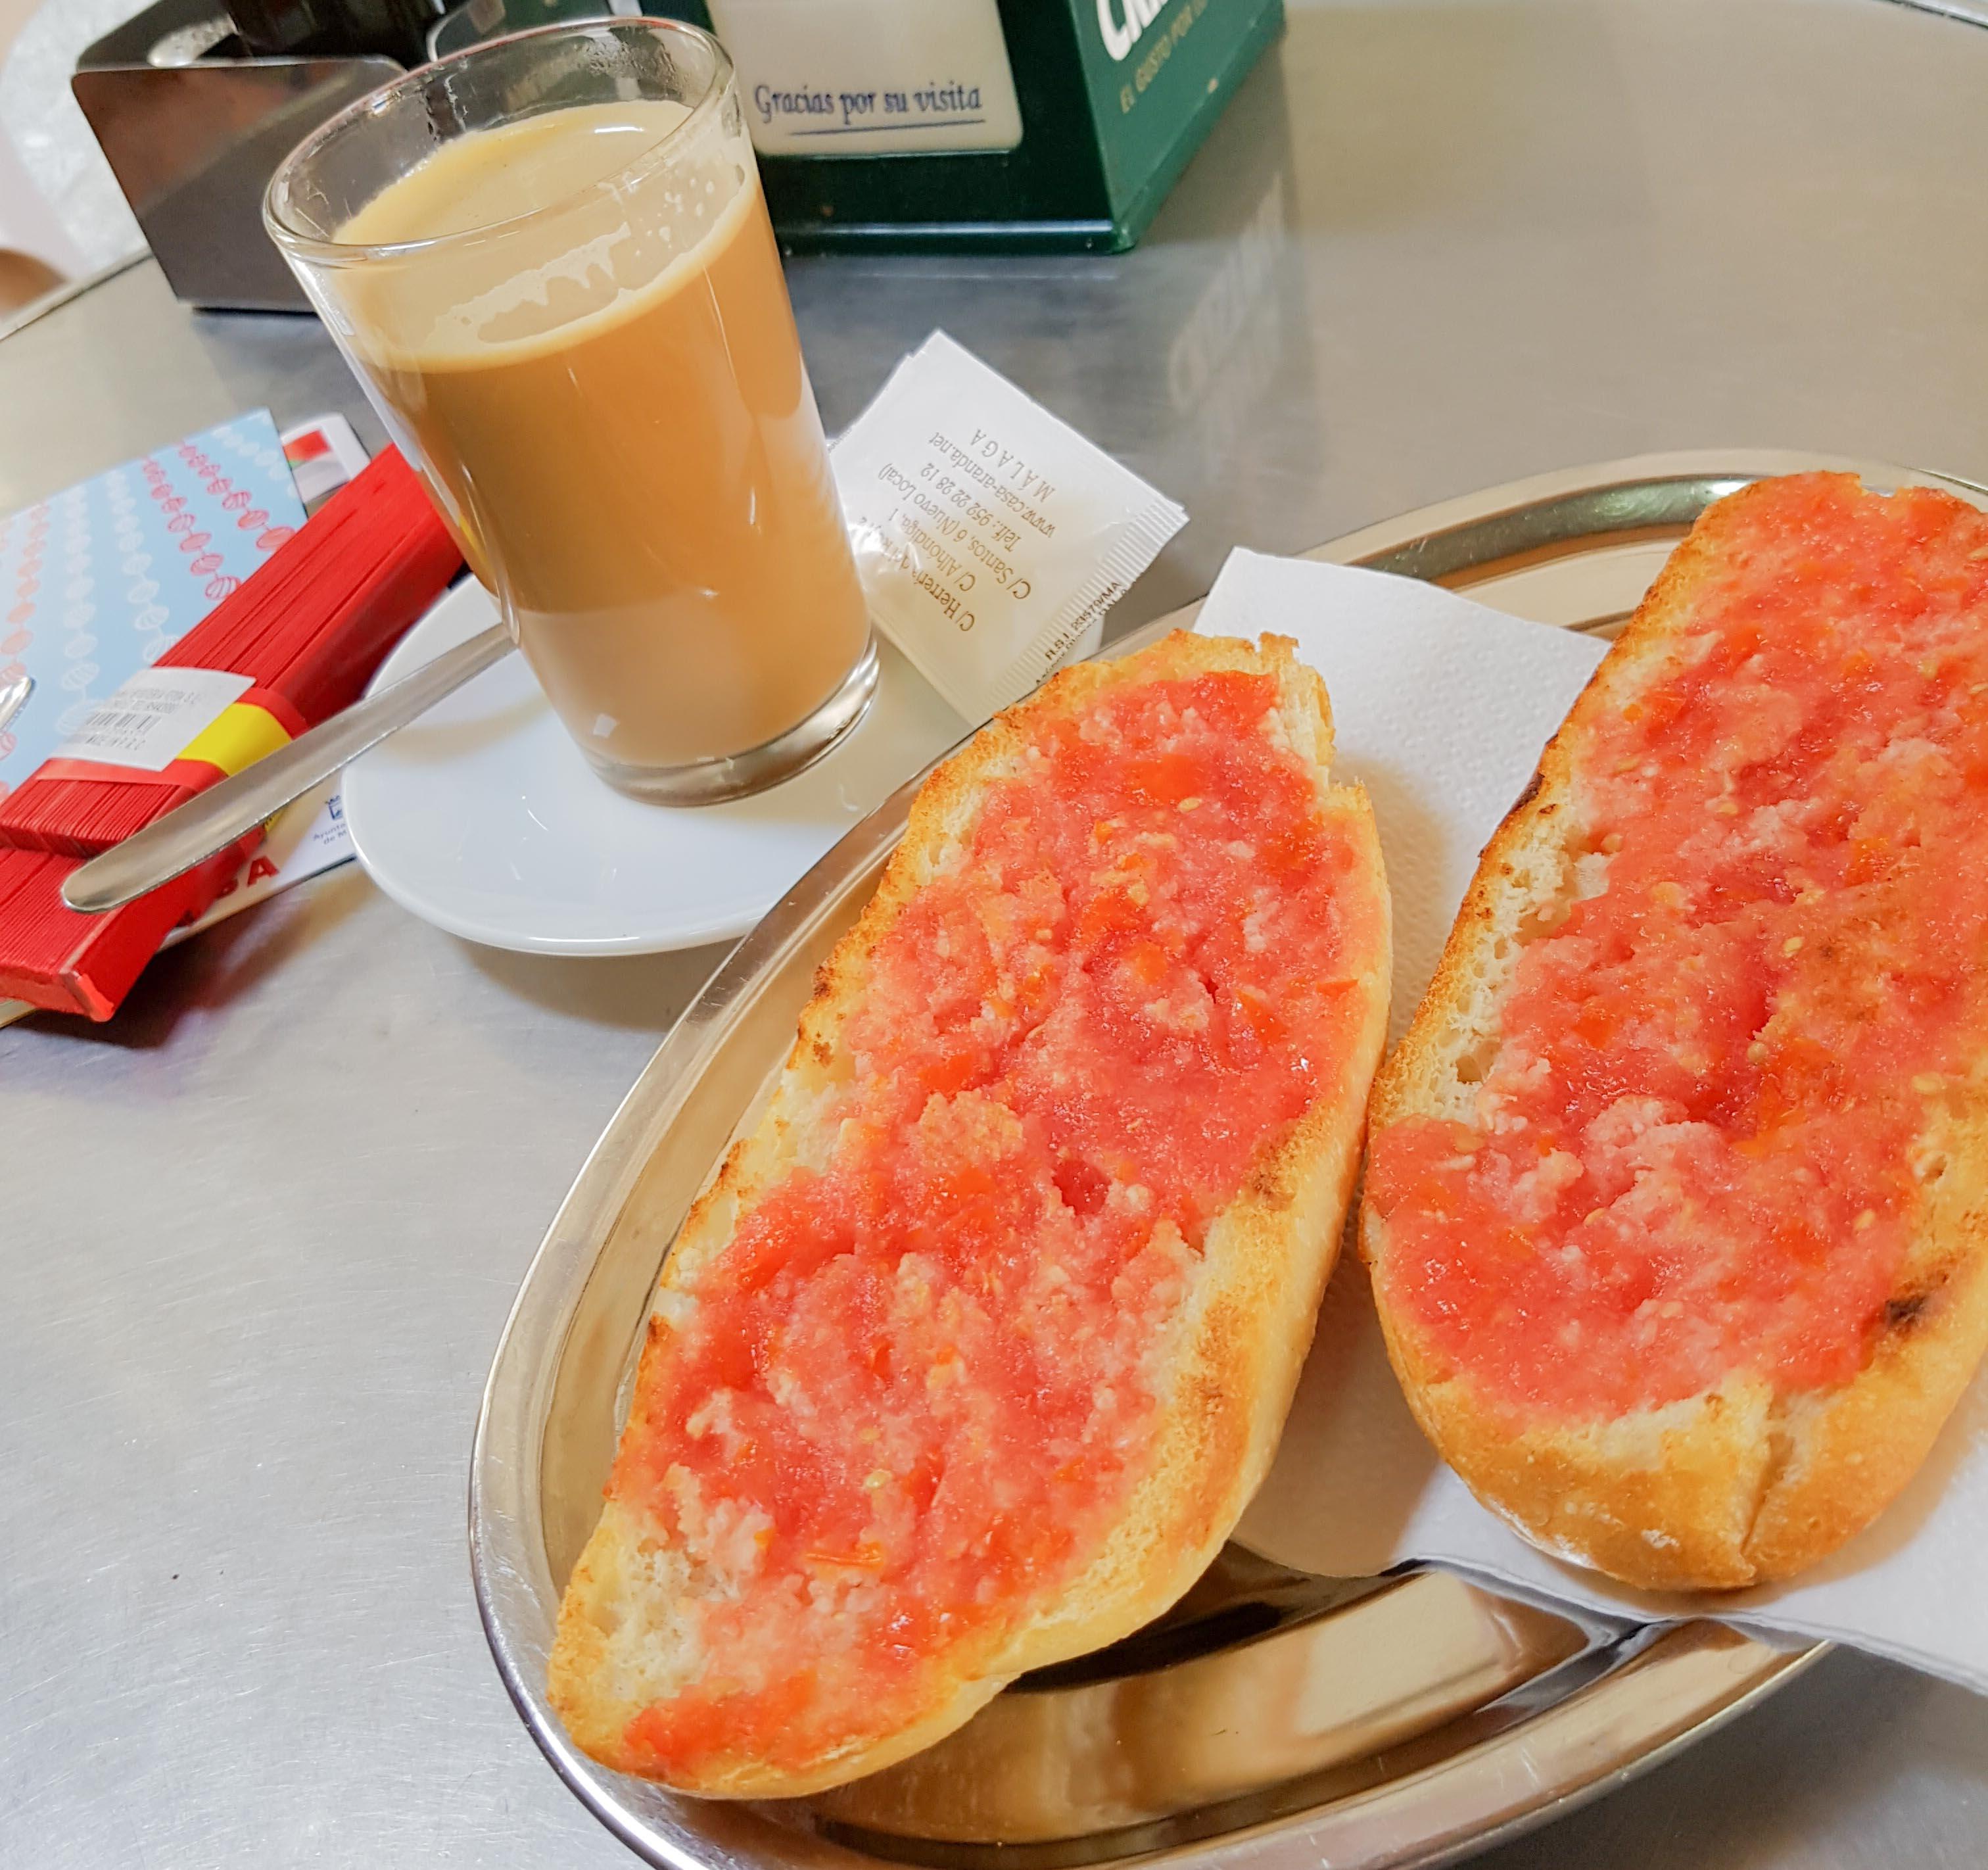 Frühstück in Spanien: Toast mit Tomate und Olivenöl